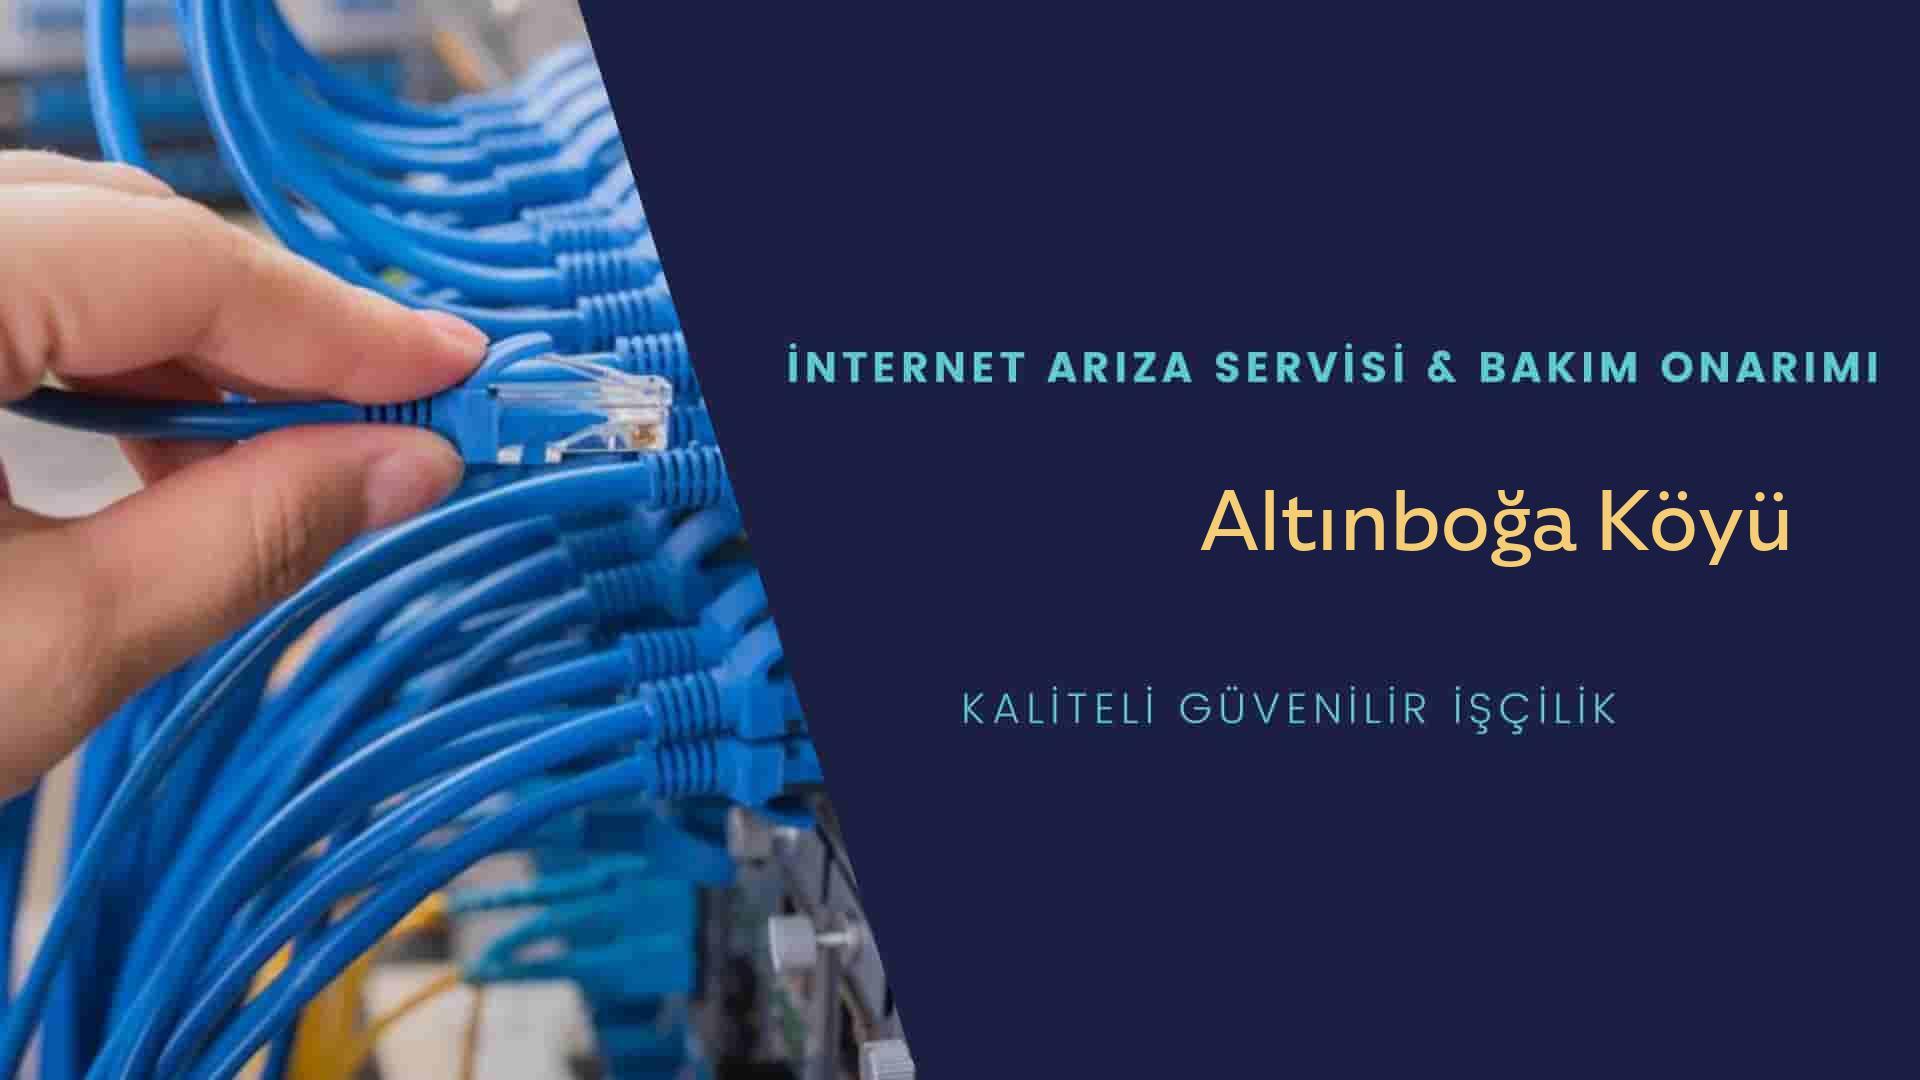 Altınboğa Köyü internet kablosu çekimi yapan yerler veya elektrikçiler mi? arıyorsunuz doğru yerdesiniz o zaman sizlere 7/24 yardımcı olacak profesyonel ustalarımız bir telefon kadar yakındır size.